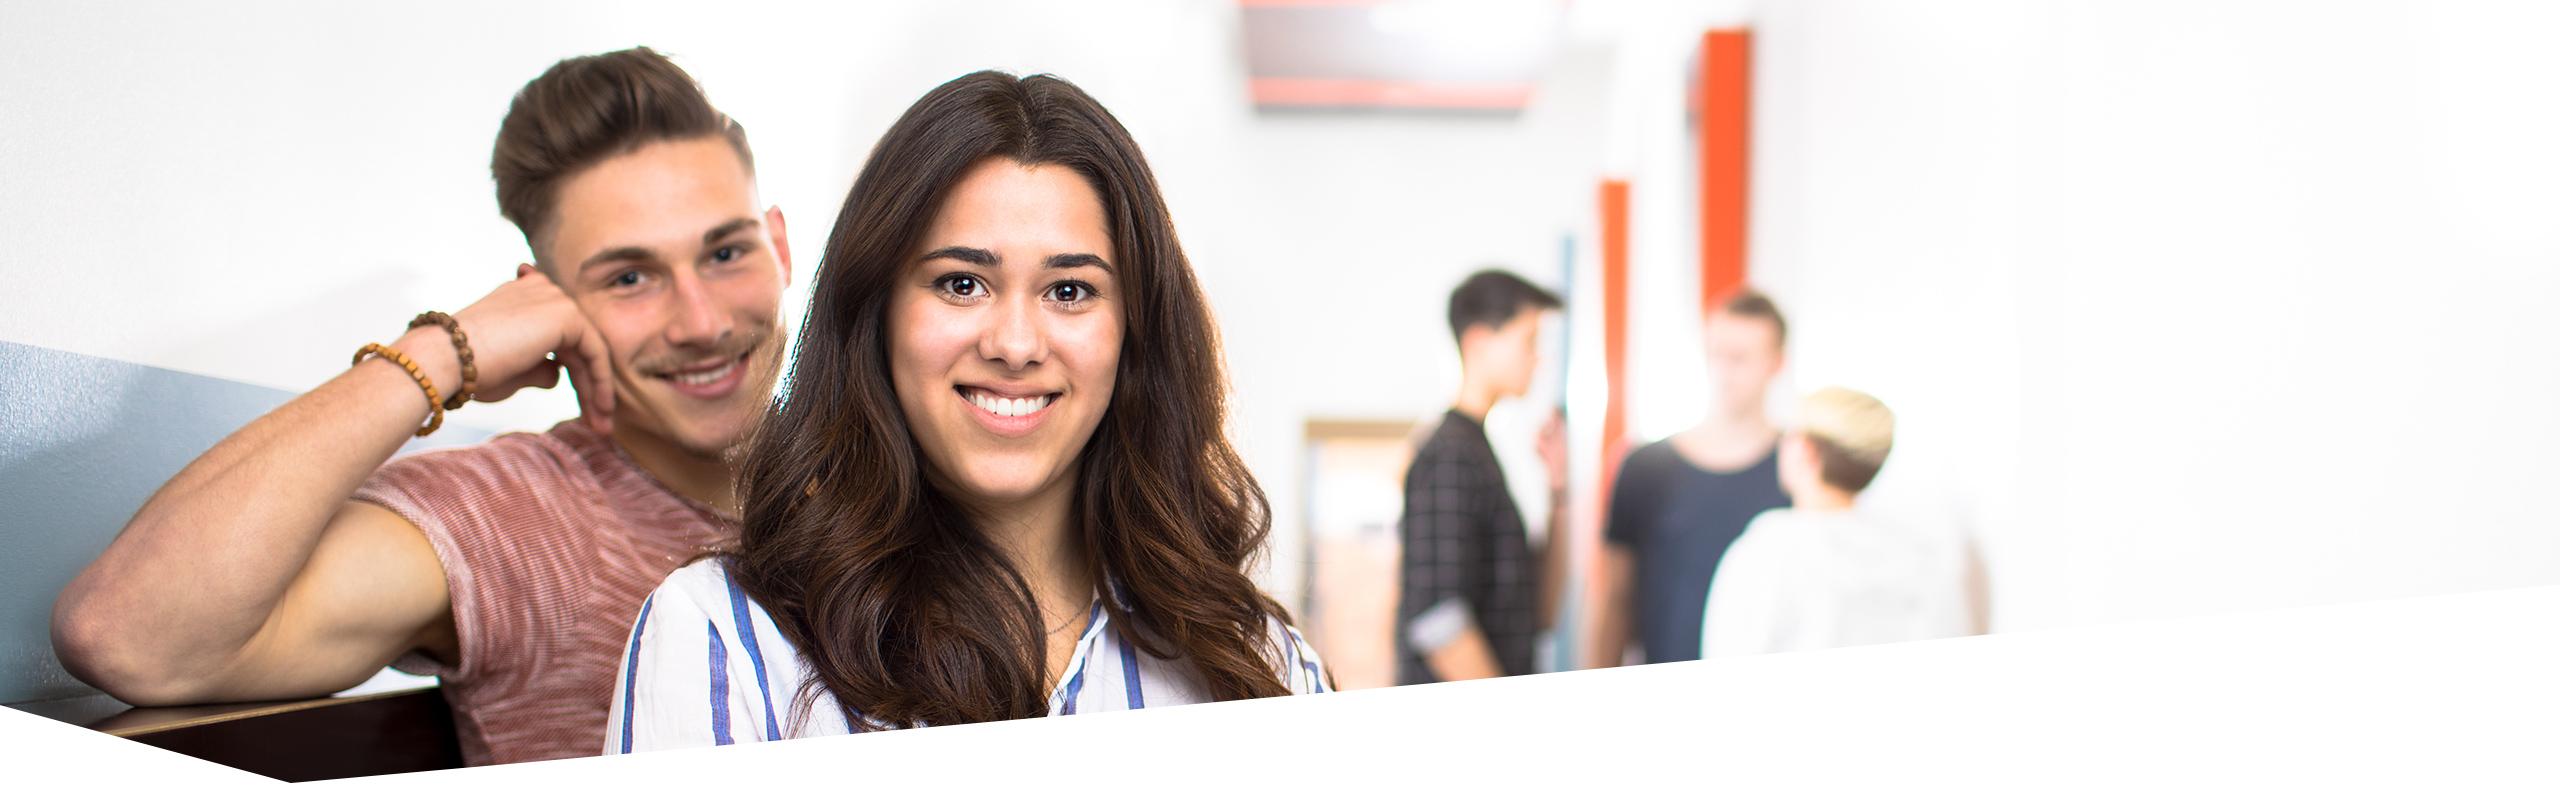 Gesicht von Schüler und Schülerin, die in die Kamera lächeln, drei Schüler im Hintergrund sprechen miteinander